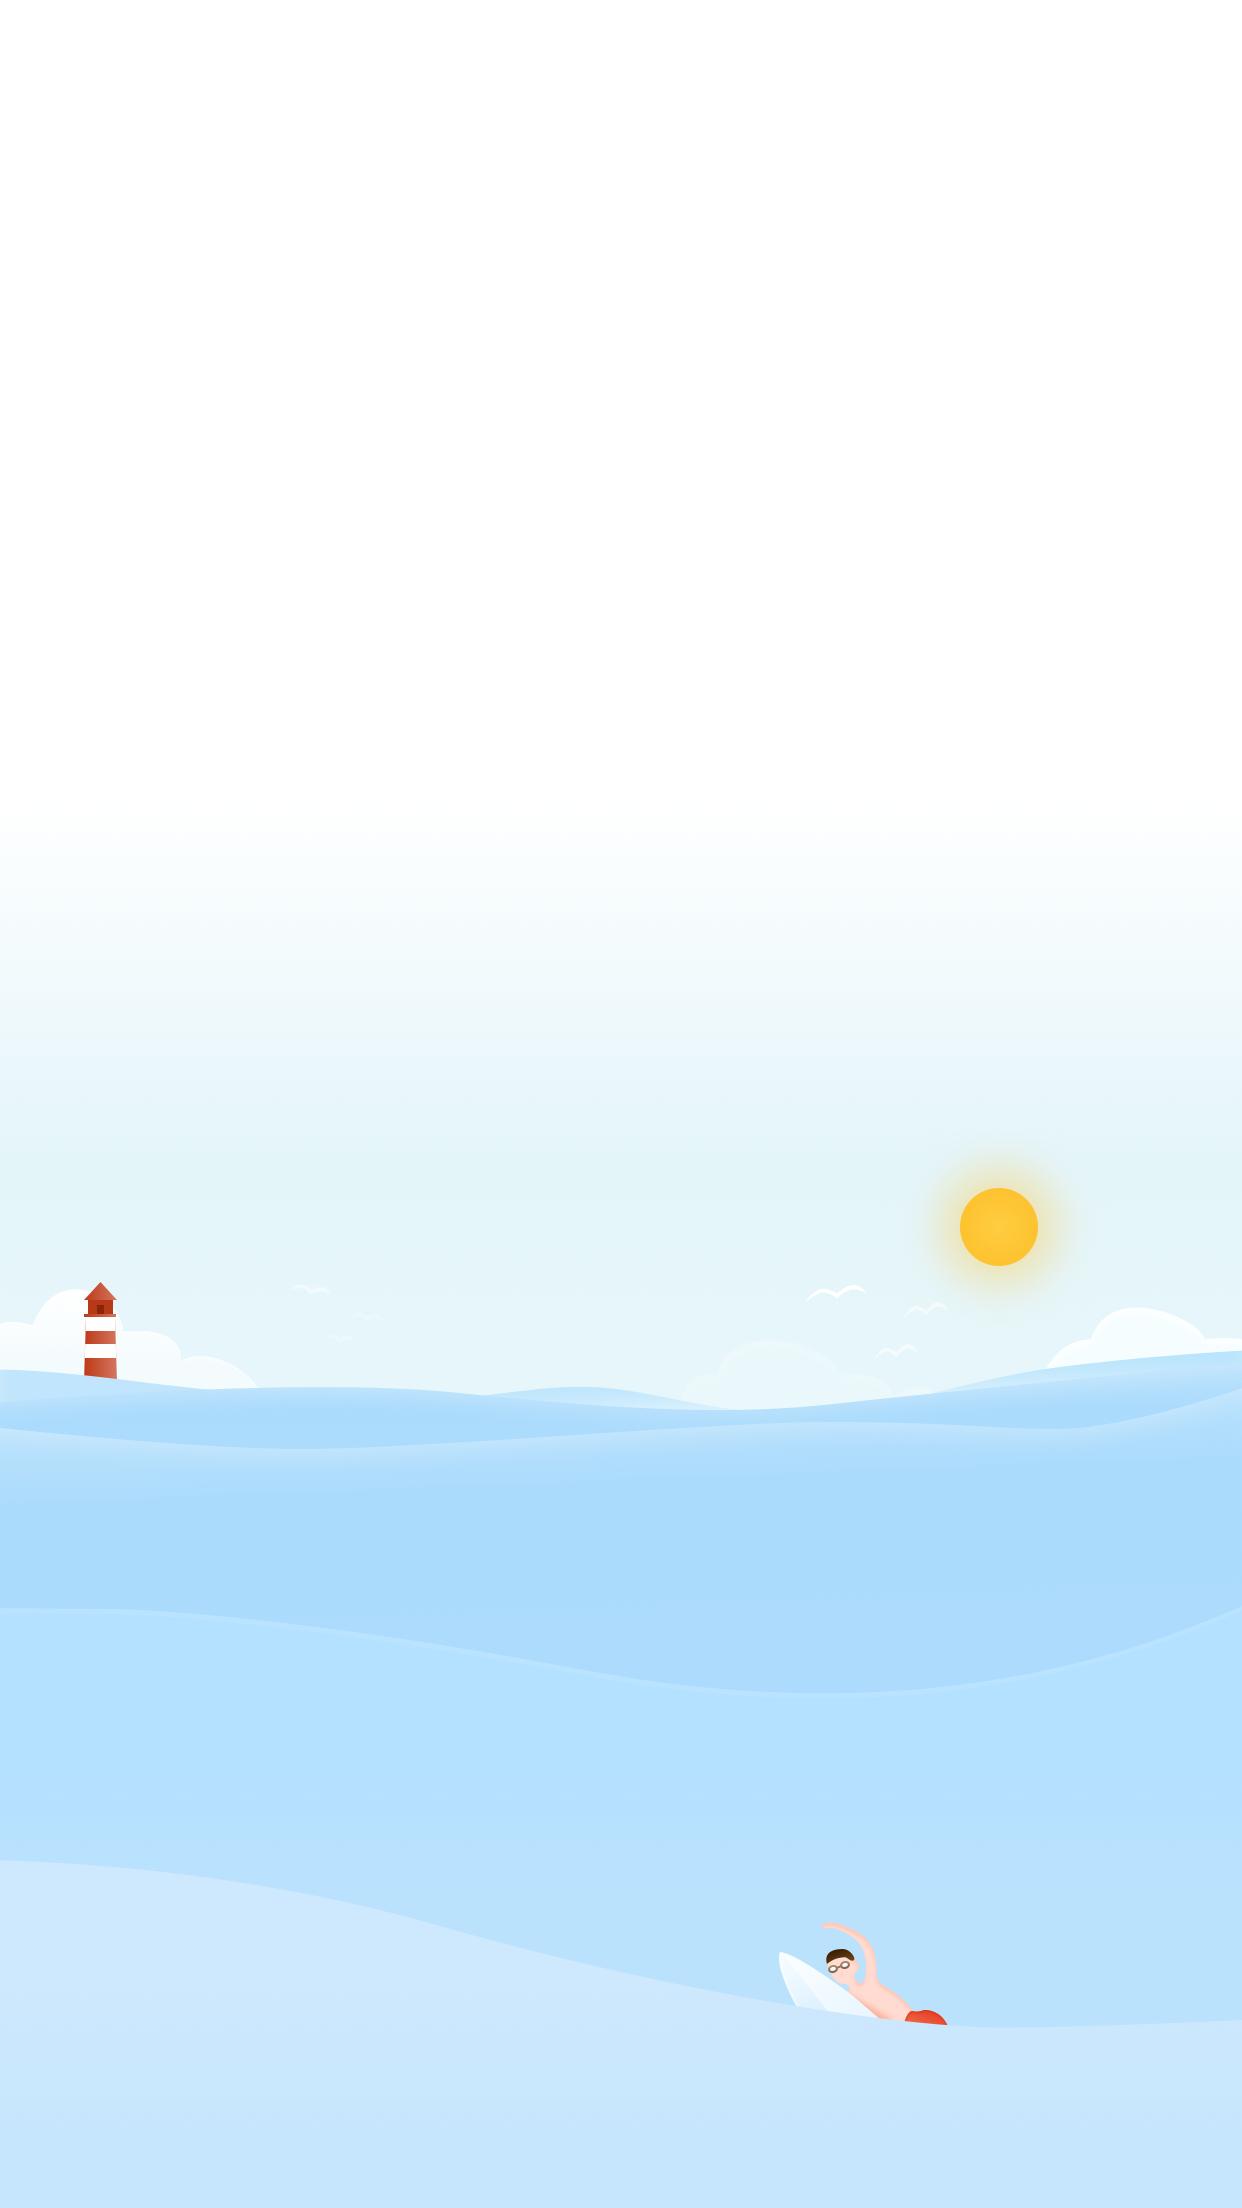 查看《ZUI 日历插图 Sketch源文件》原图,原图尺寸:1242x2208